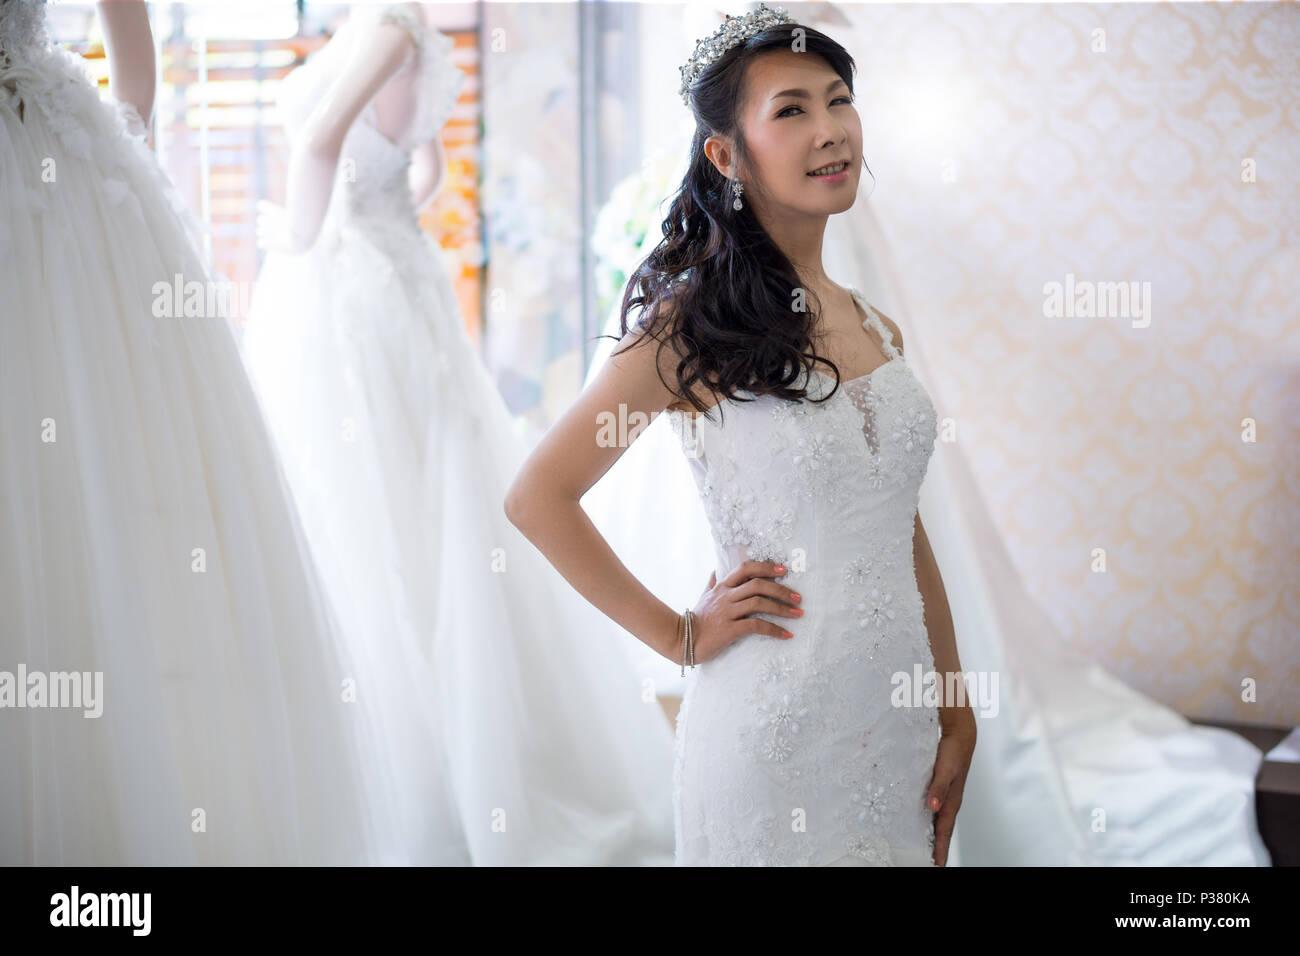 The Girl Irene Stockfotos & The Girl Irene Bilder - Alamy